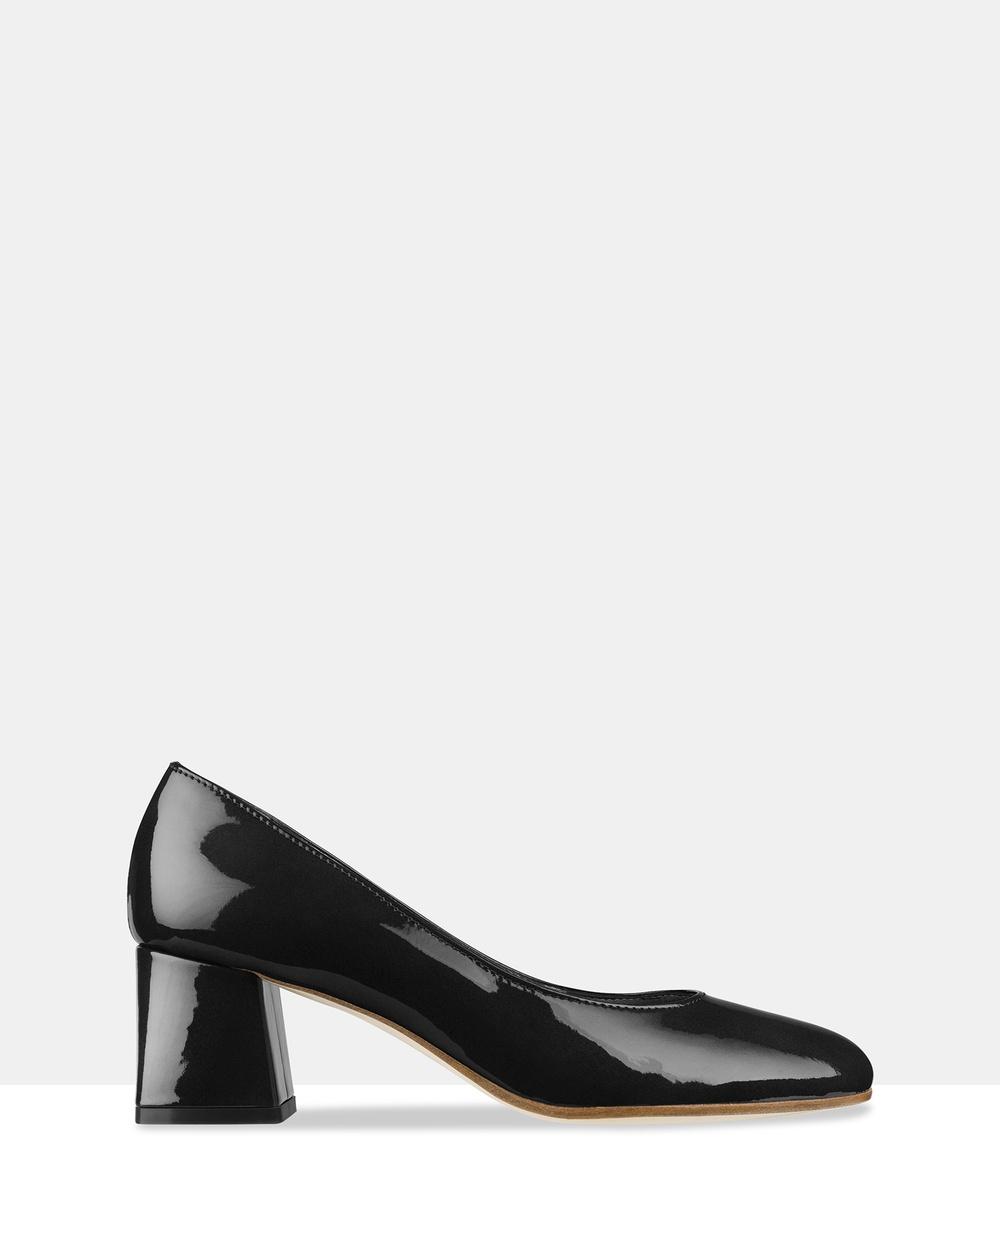 Habbot Barkly Block Heels Mid-low heels Black Barkly Block Heels